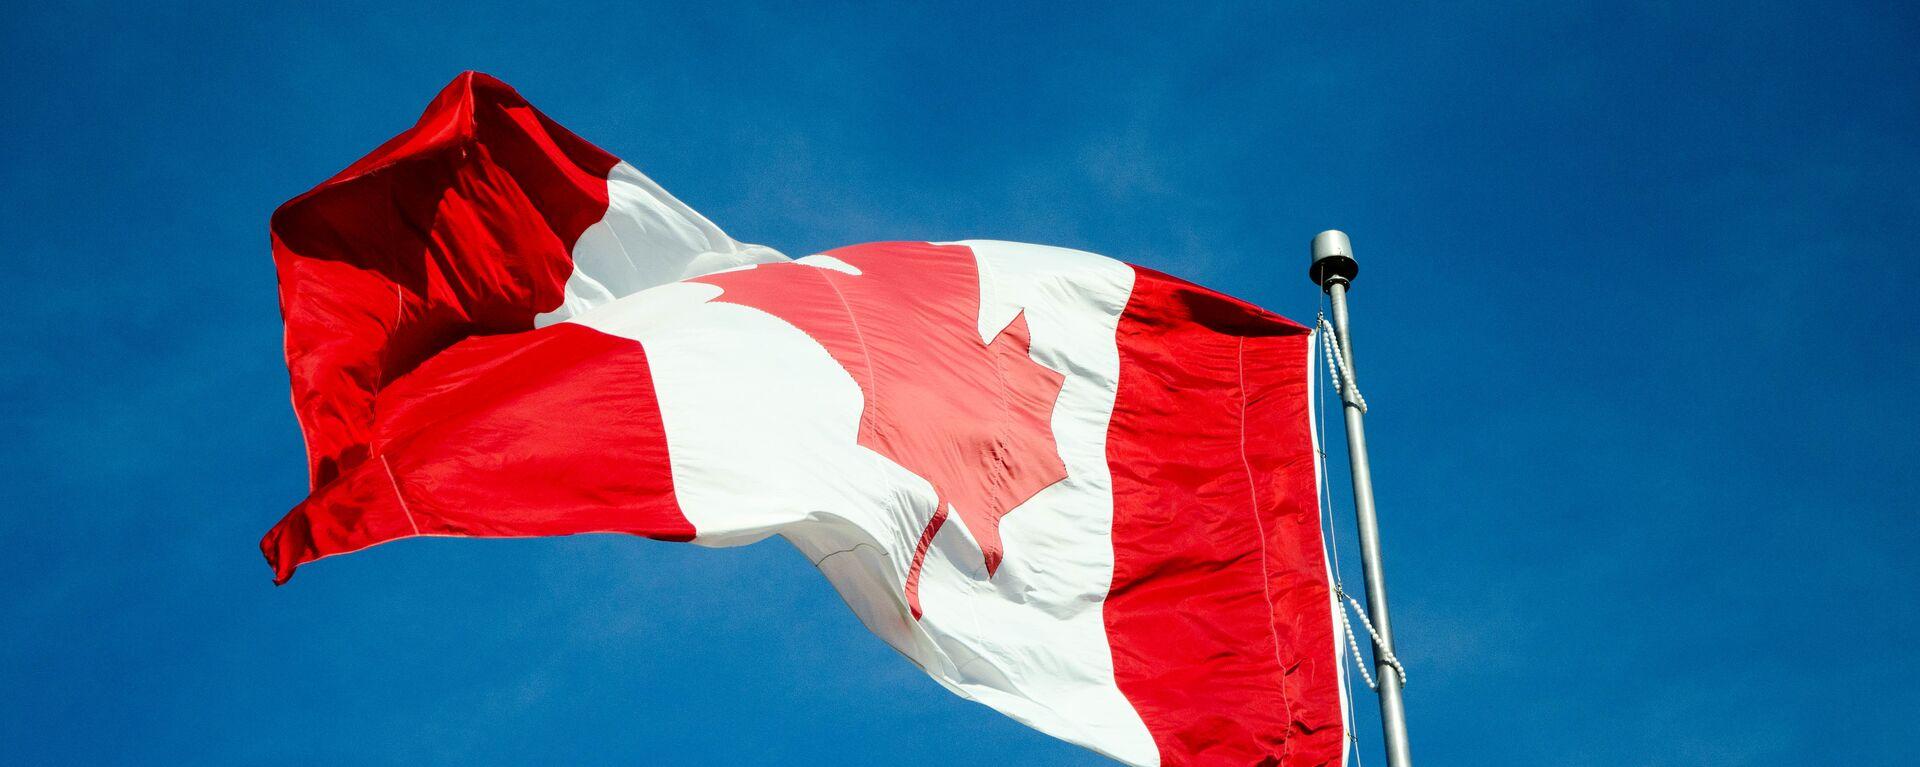 Bandera de Canadá - Sputnik Mundo, 1920, 24.03.2021